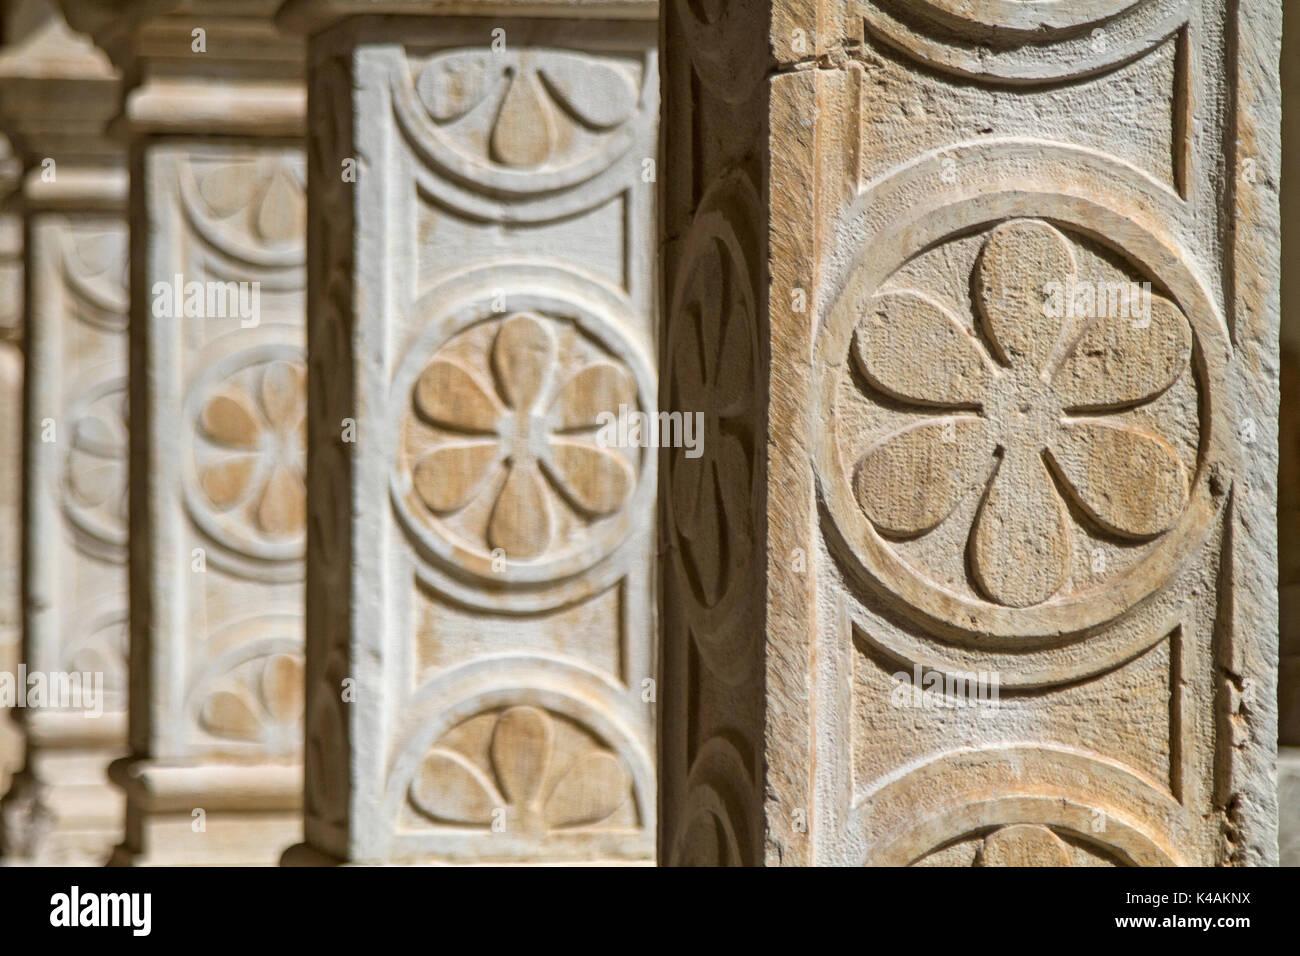 Detailaufnahmr Eines Alten Mittelalterlichen Gebäudes - Stock Image